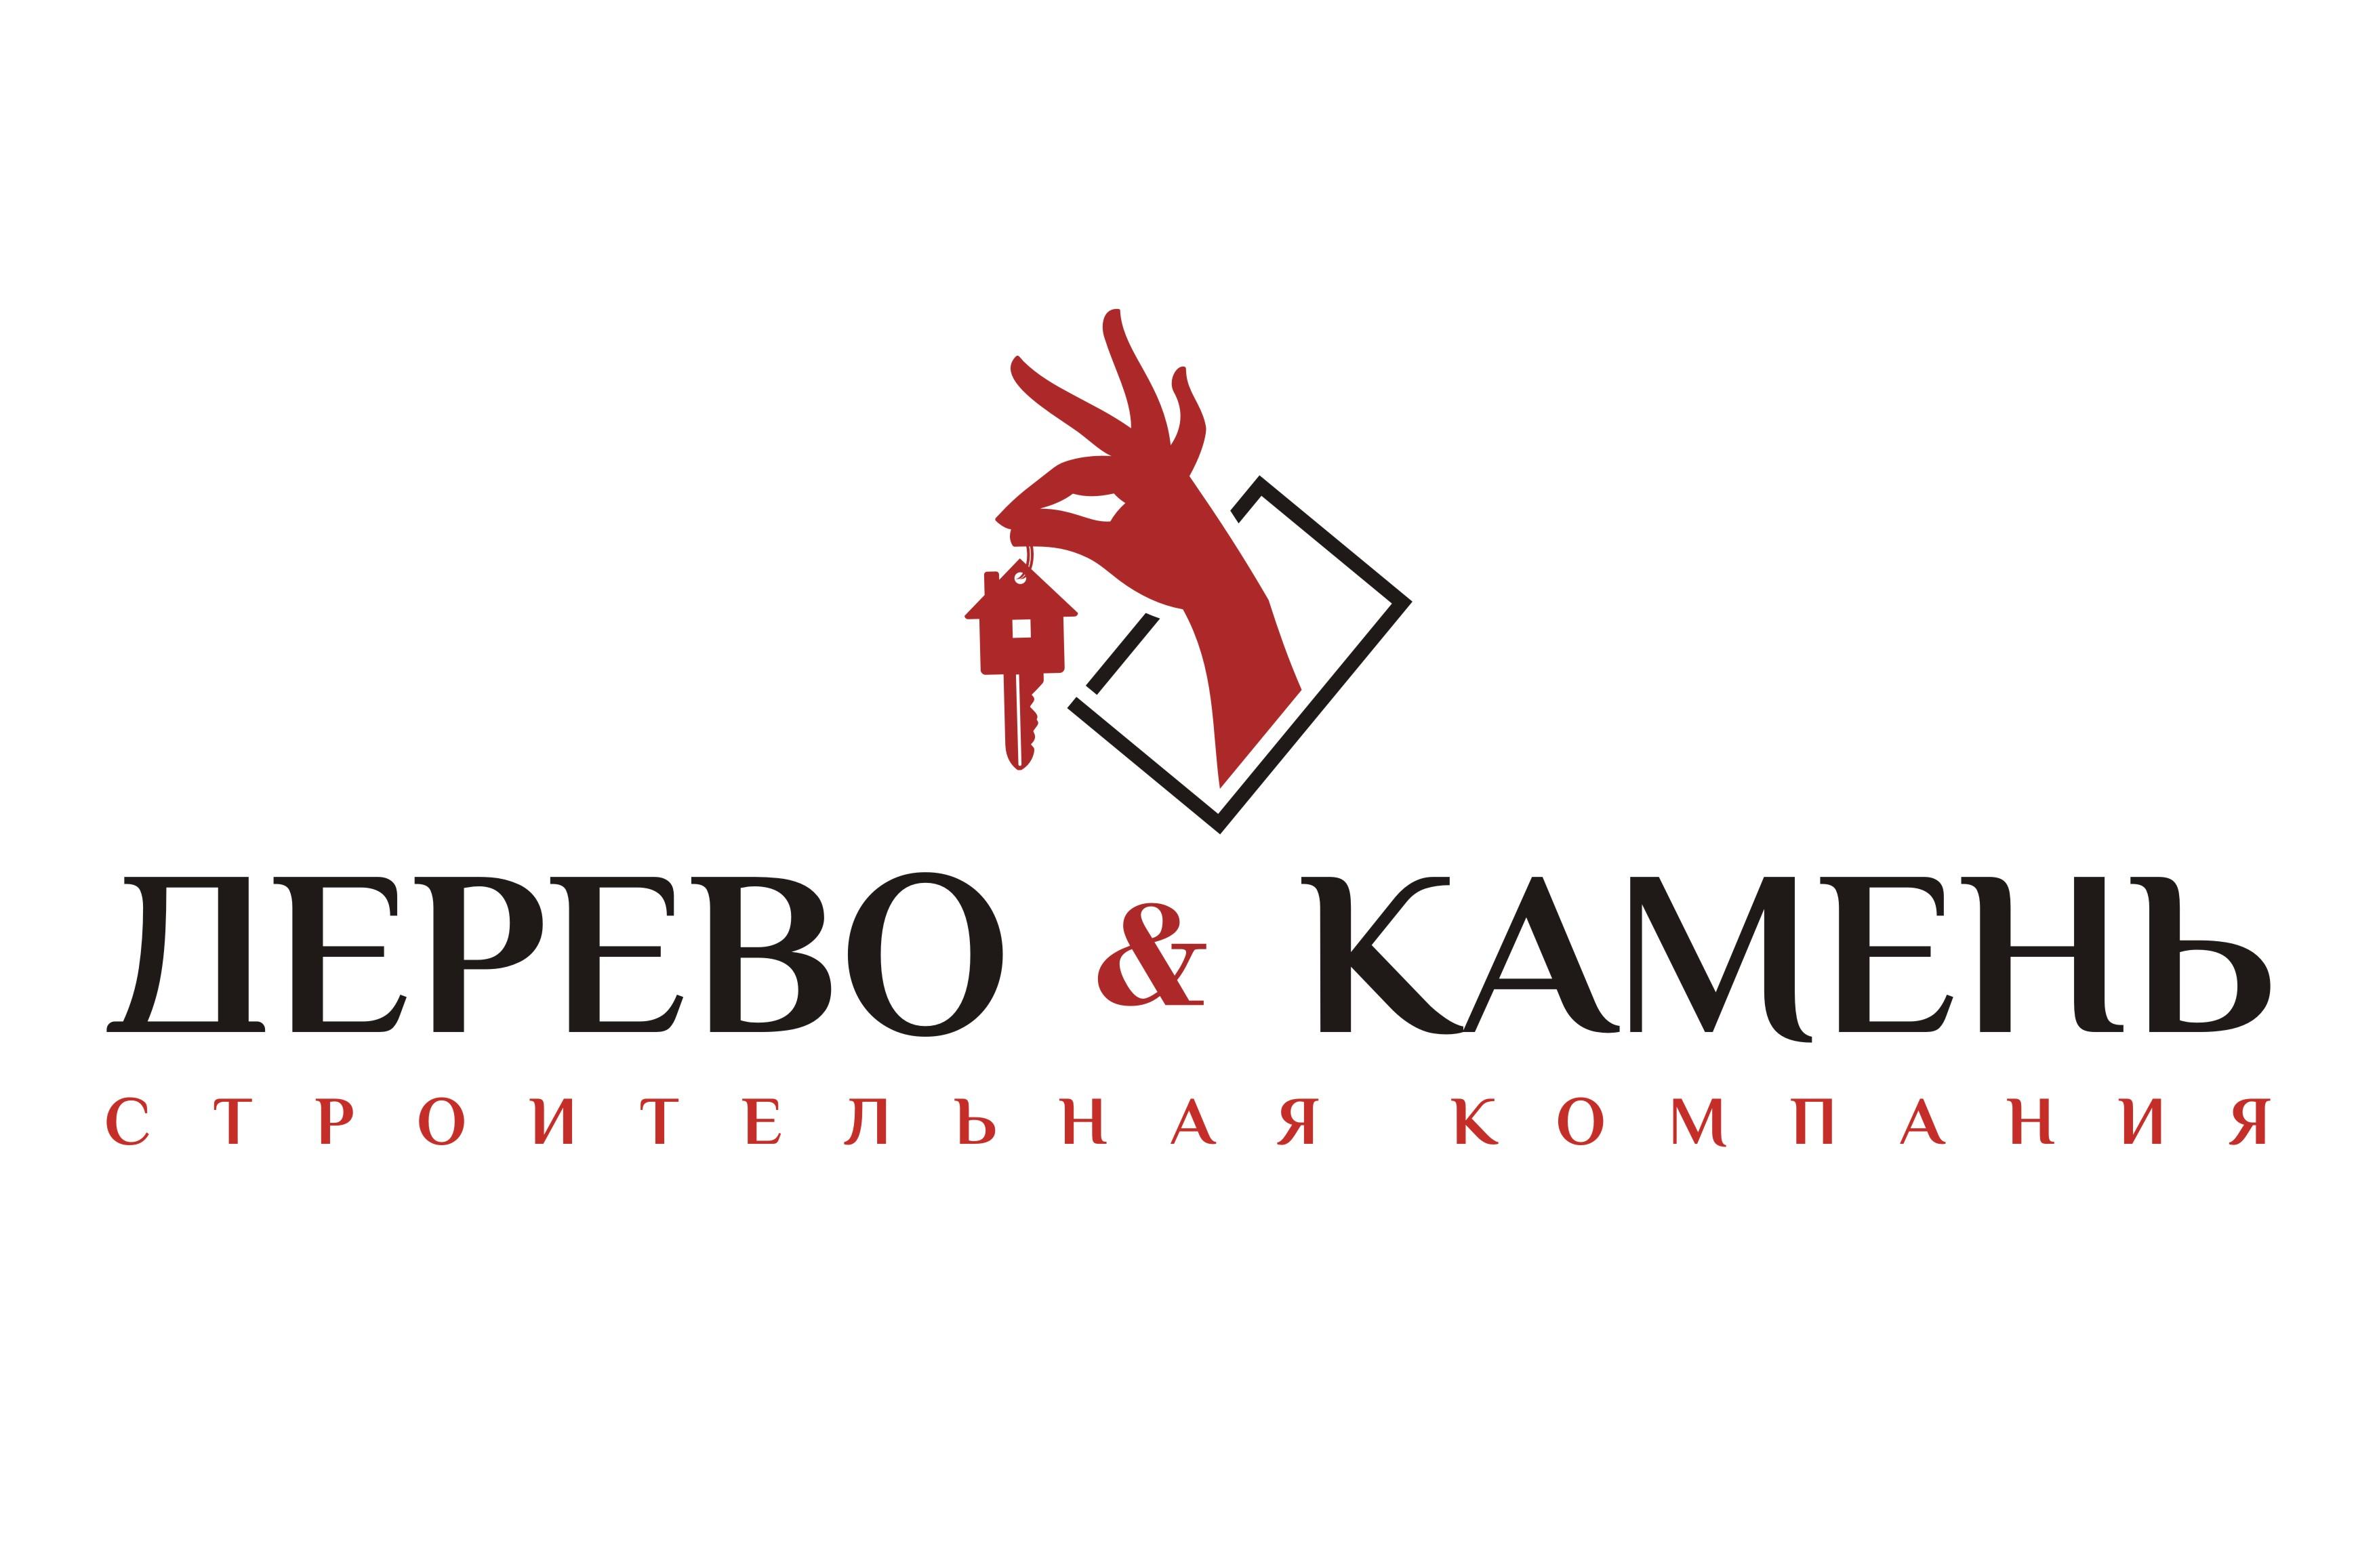 Логотип и Фирменный стиль фото f_14754a643d52cfd8.jpg